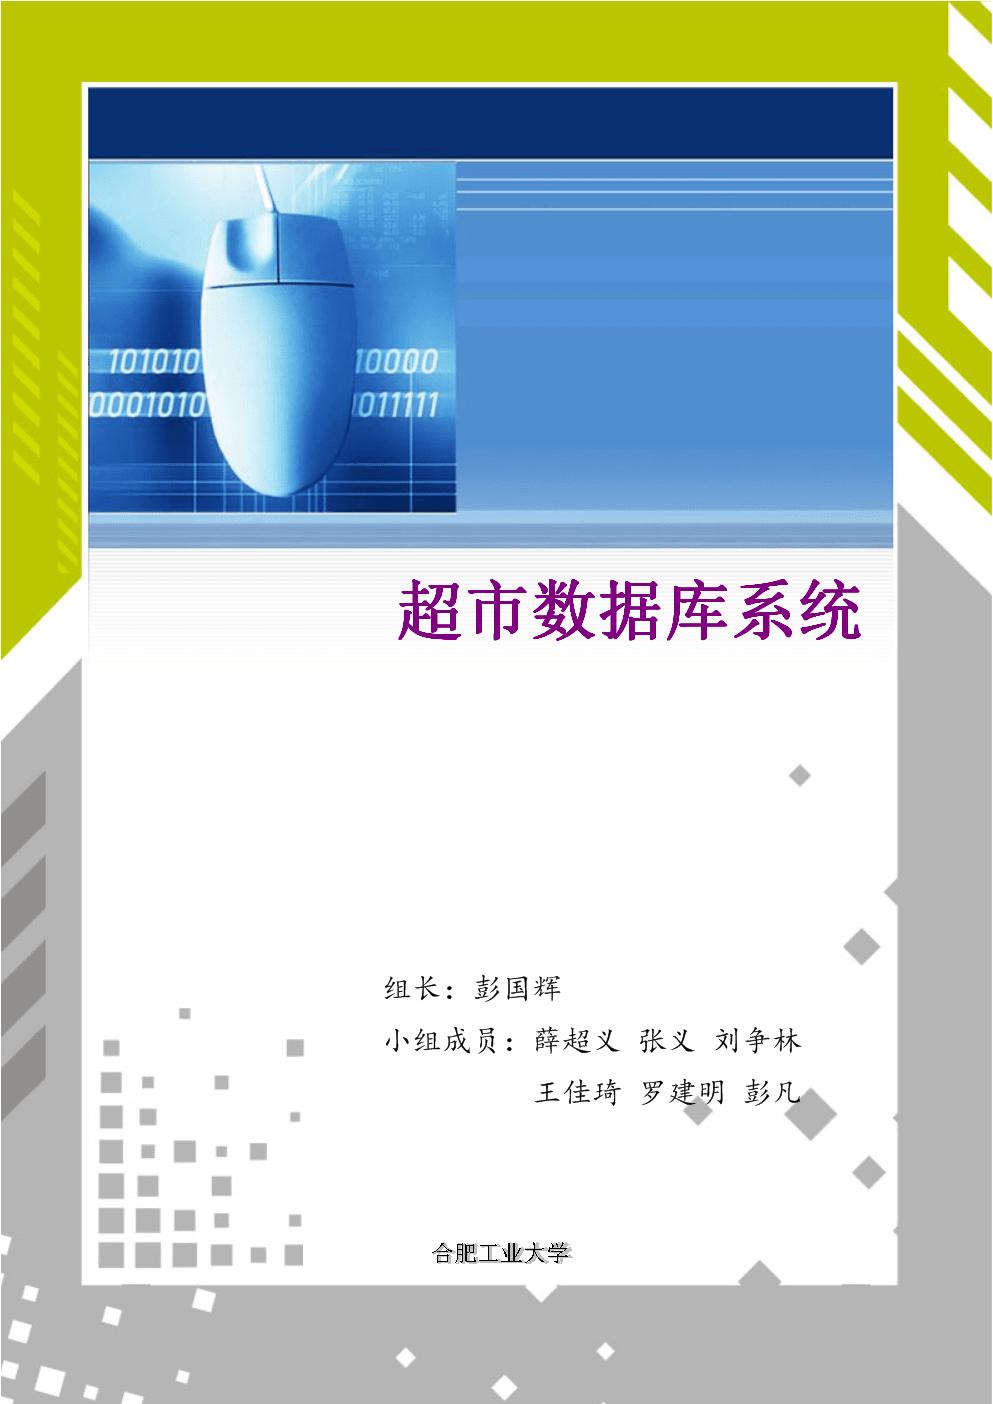 超市数据库系统.docx